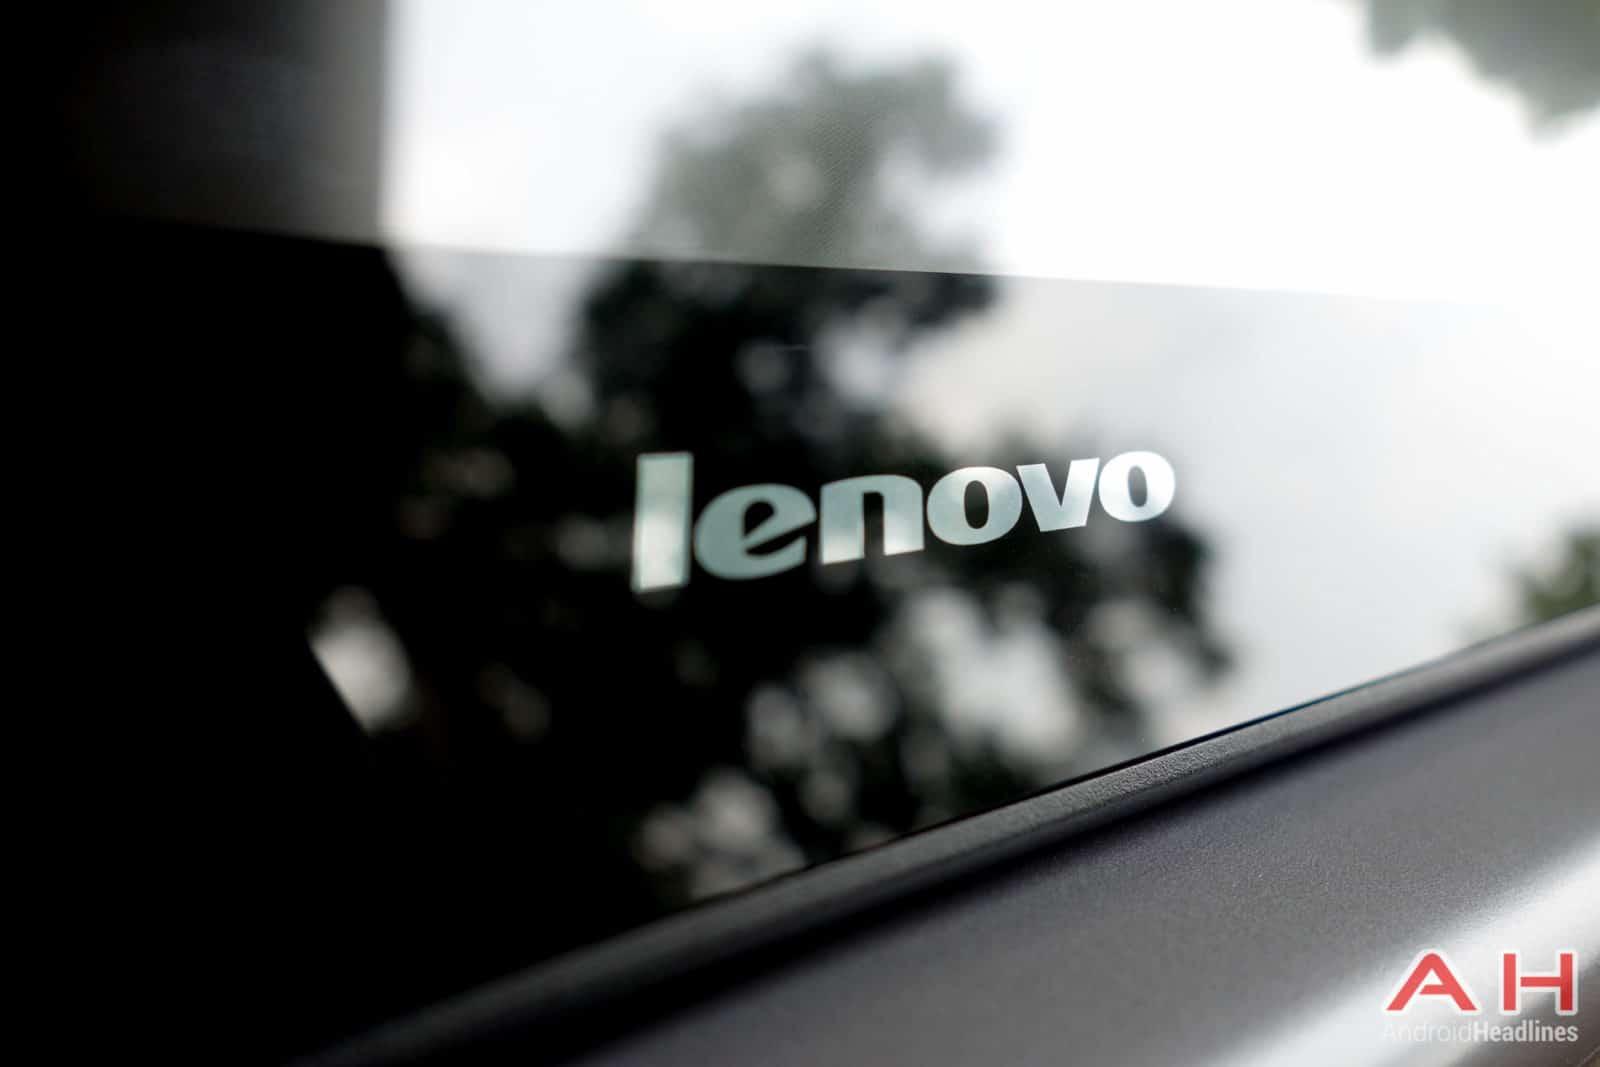 Lenovo-N20p-chromebook-AH-20